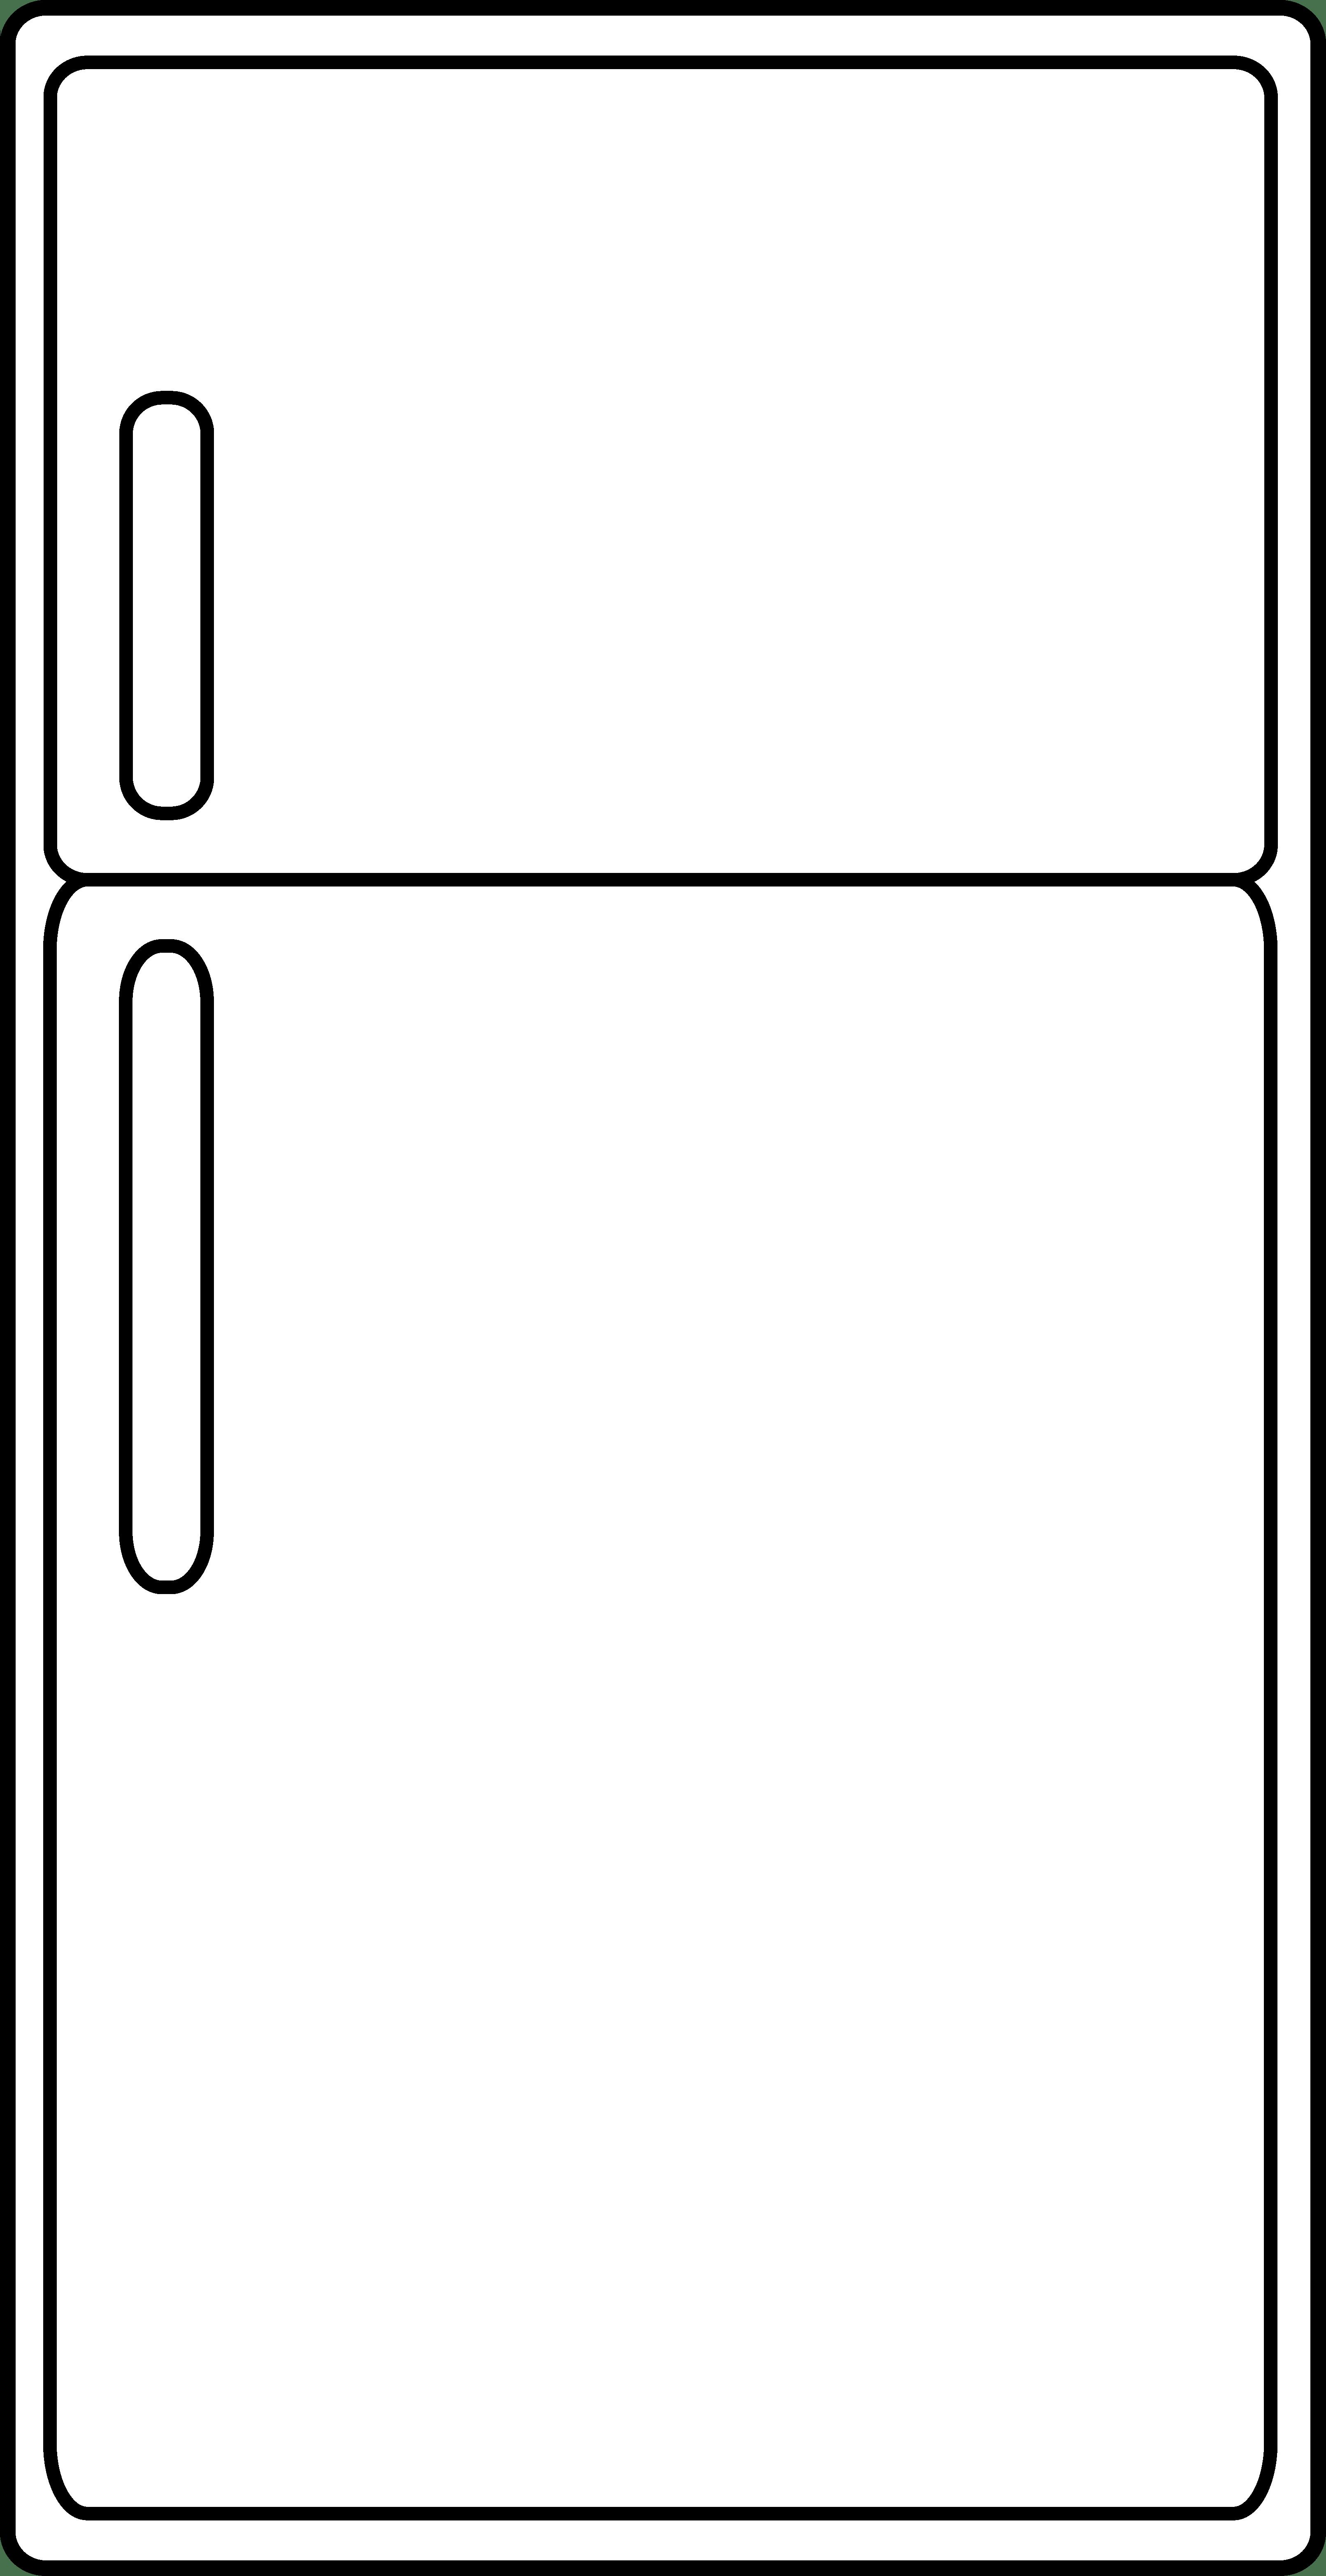 Refrigerator Clipart Refrigerator Outline